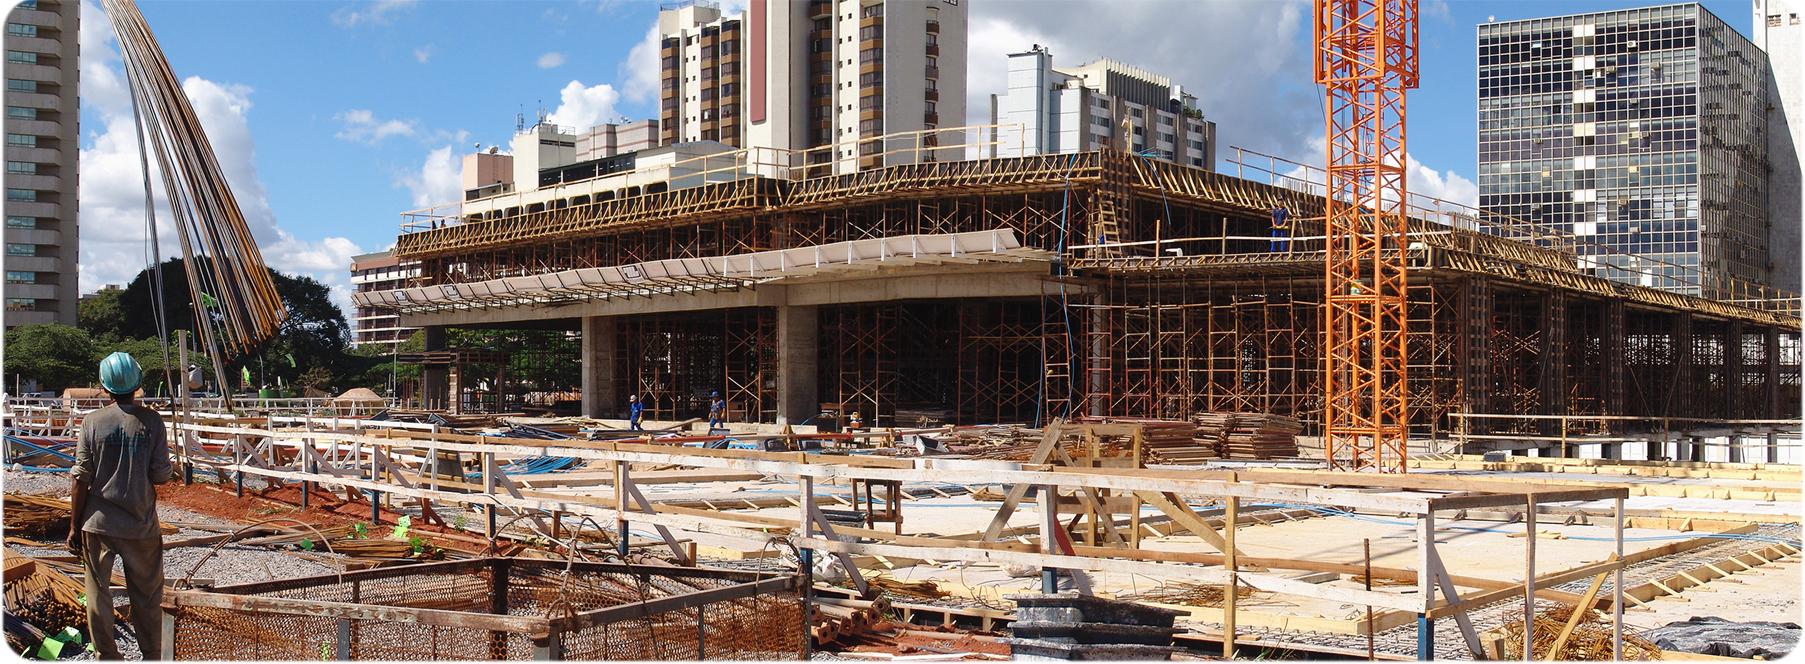 Картинки по запросу ПГС промышленно гражданское строительство